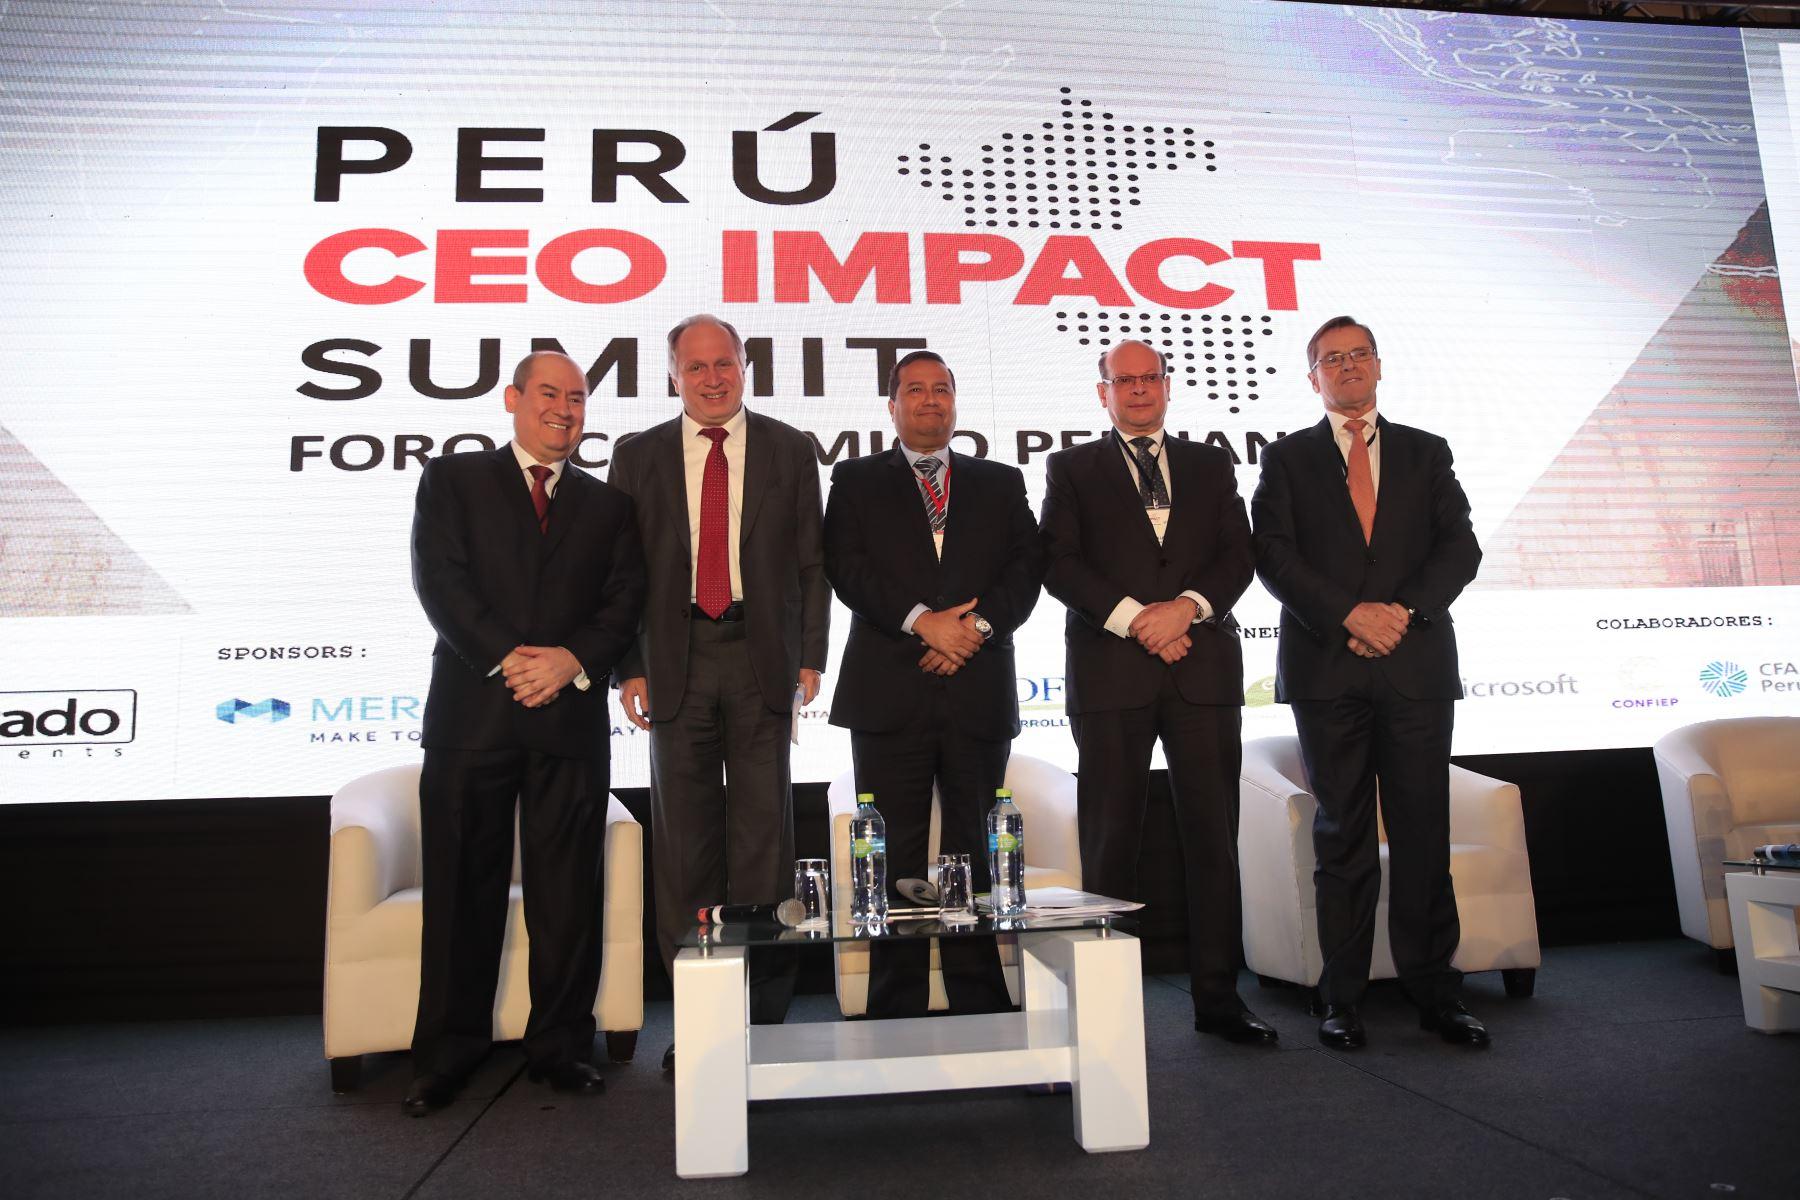 De izquierda a derecha: Melvin Escudero, presidente de El Dorado Investmenst y CFA Society Perú, Moderador Fernando Carvallo, Carlos Linares, presidente de COFIDE y Carlos Neuhaus, presidente de COPAL al termino del foro: Perú CEO Impact Summit        Agencia Andina/Juan Carlos Guzman Negrini